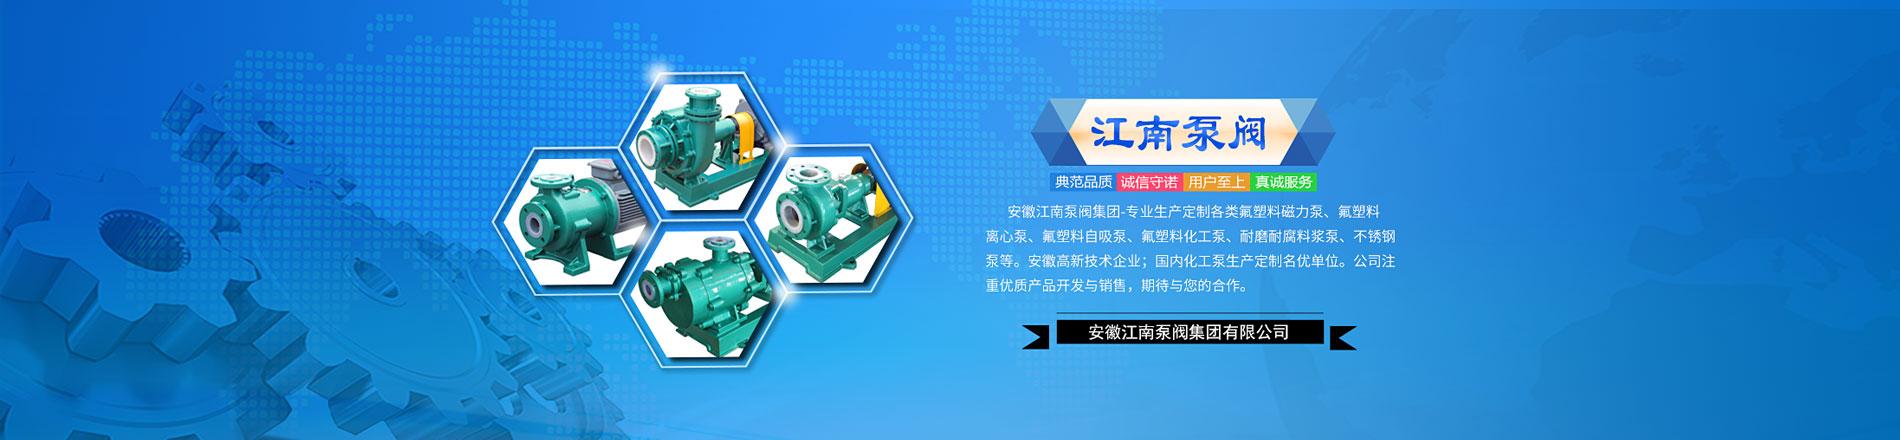 安徽江南泵阀介绍